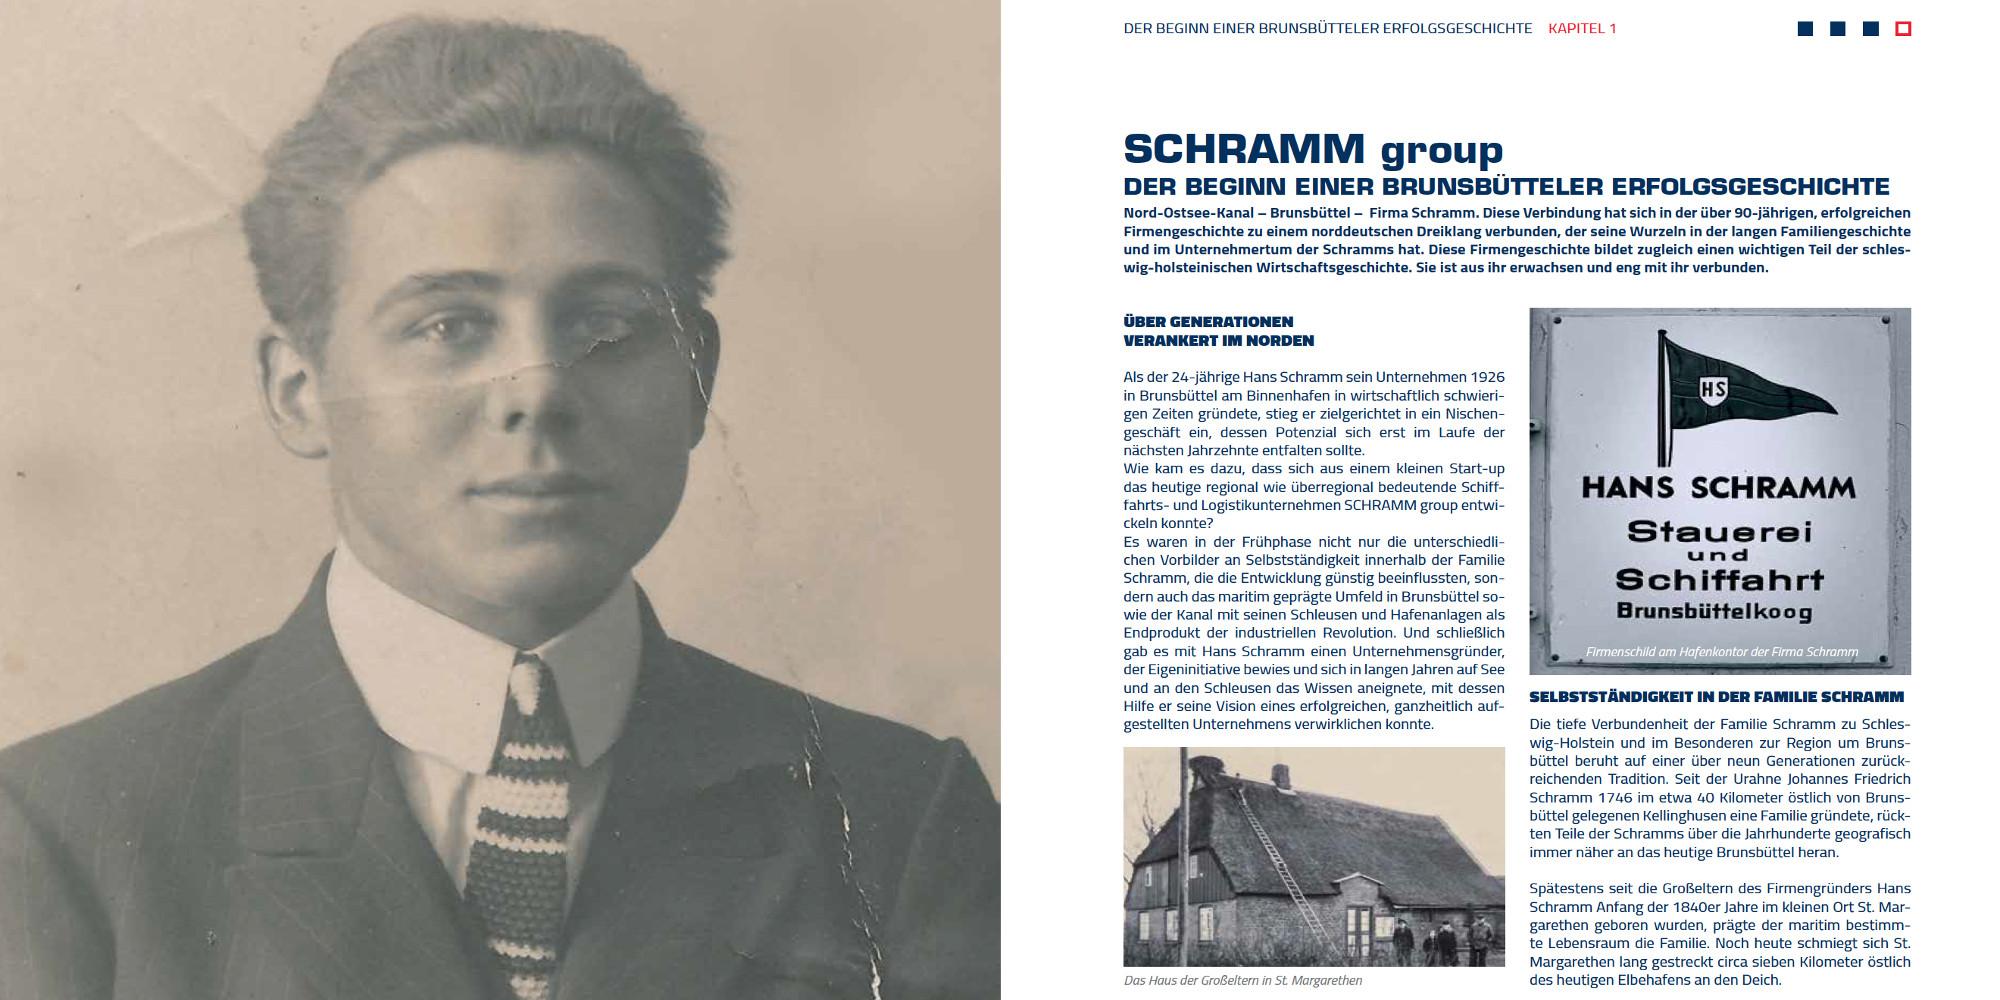 Firmengeschichten Hamburg_Maritime Logistik aus einer Hand_Die Geschichte der SCHRAMM group